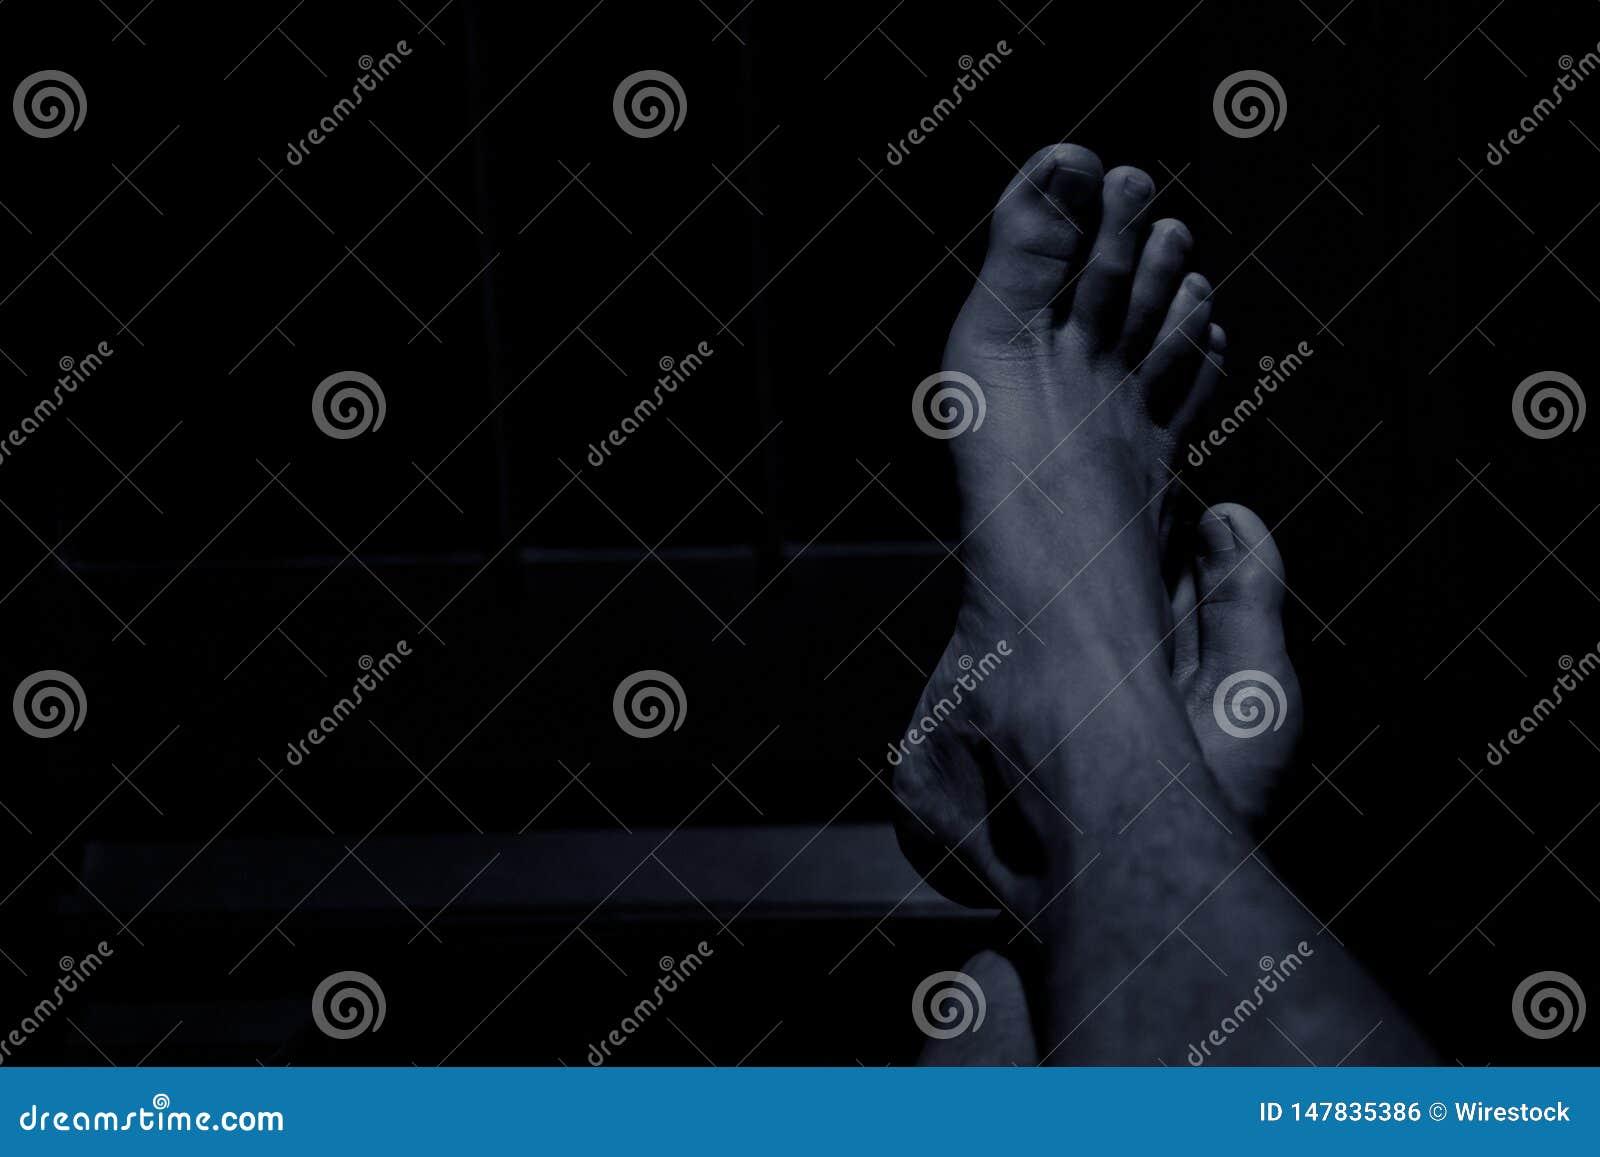 Personen die voeten rusten op de lijst